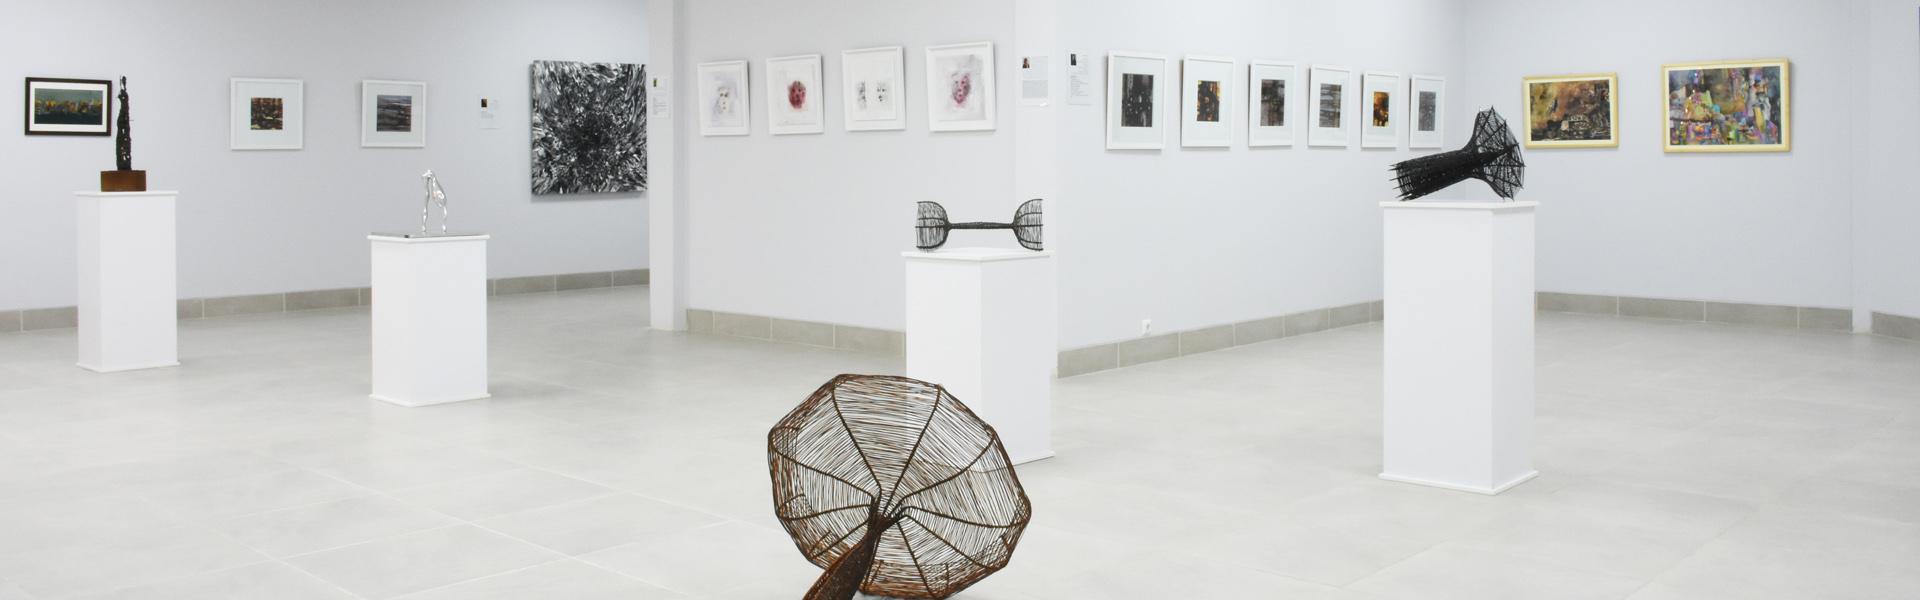 نمایشگاه گروهی حجم و نقاشی در گالری دیدار didar gallery